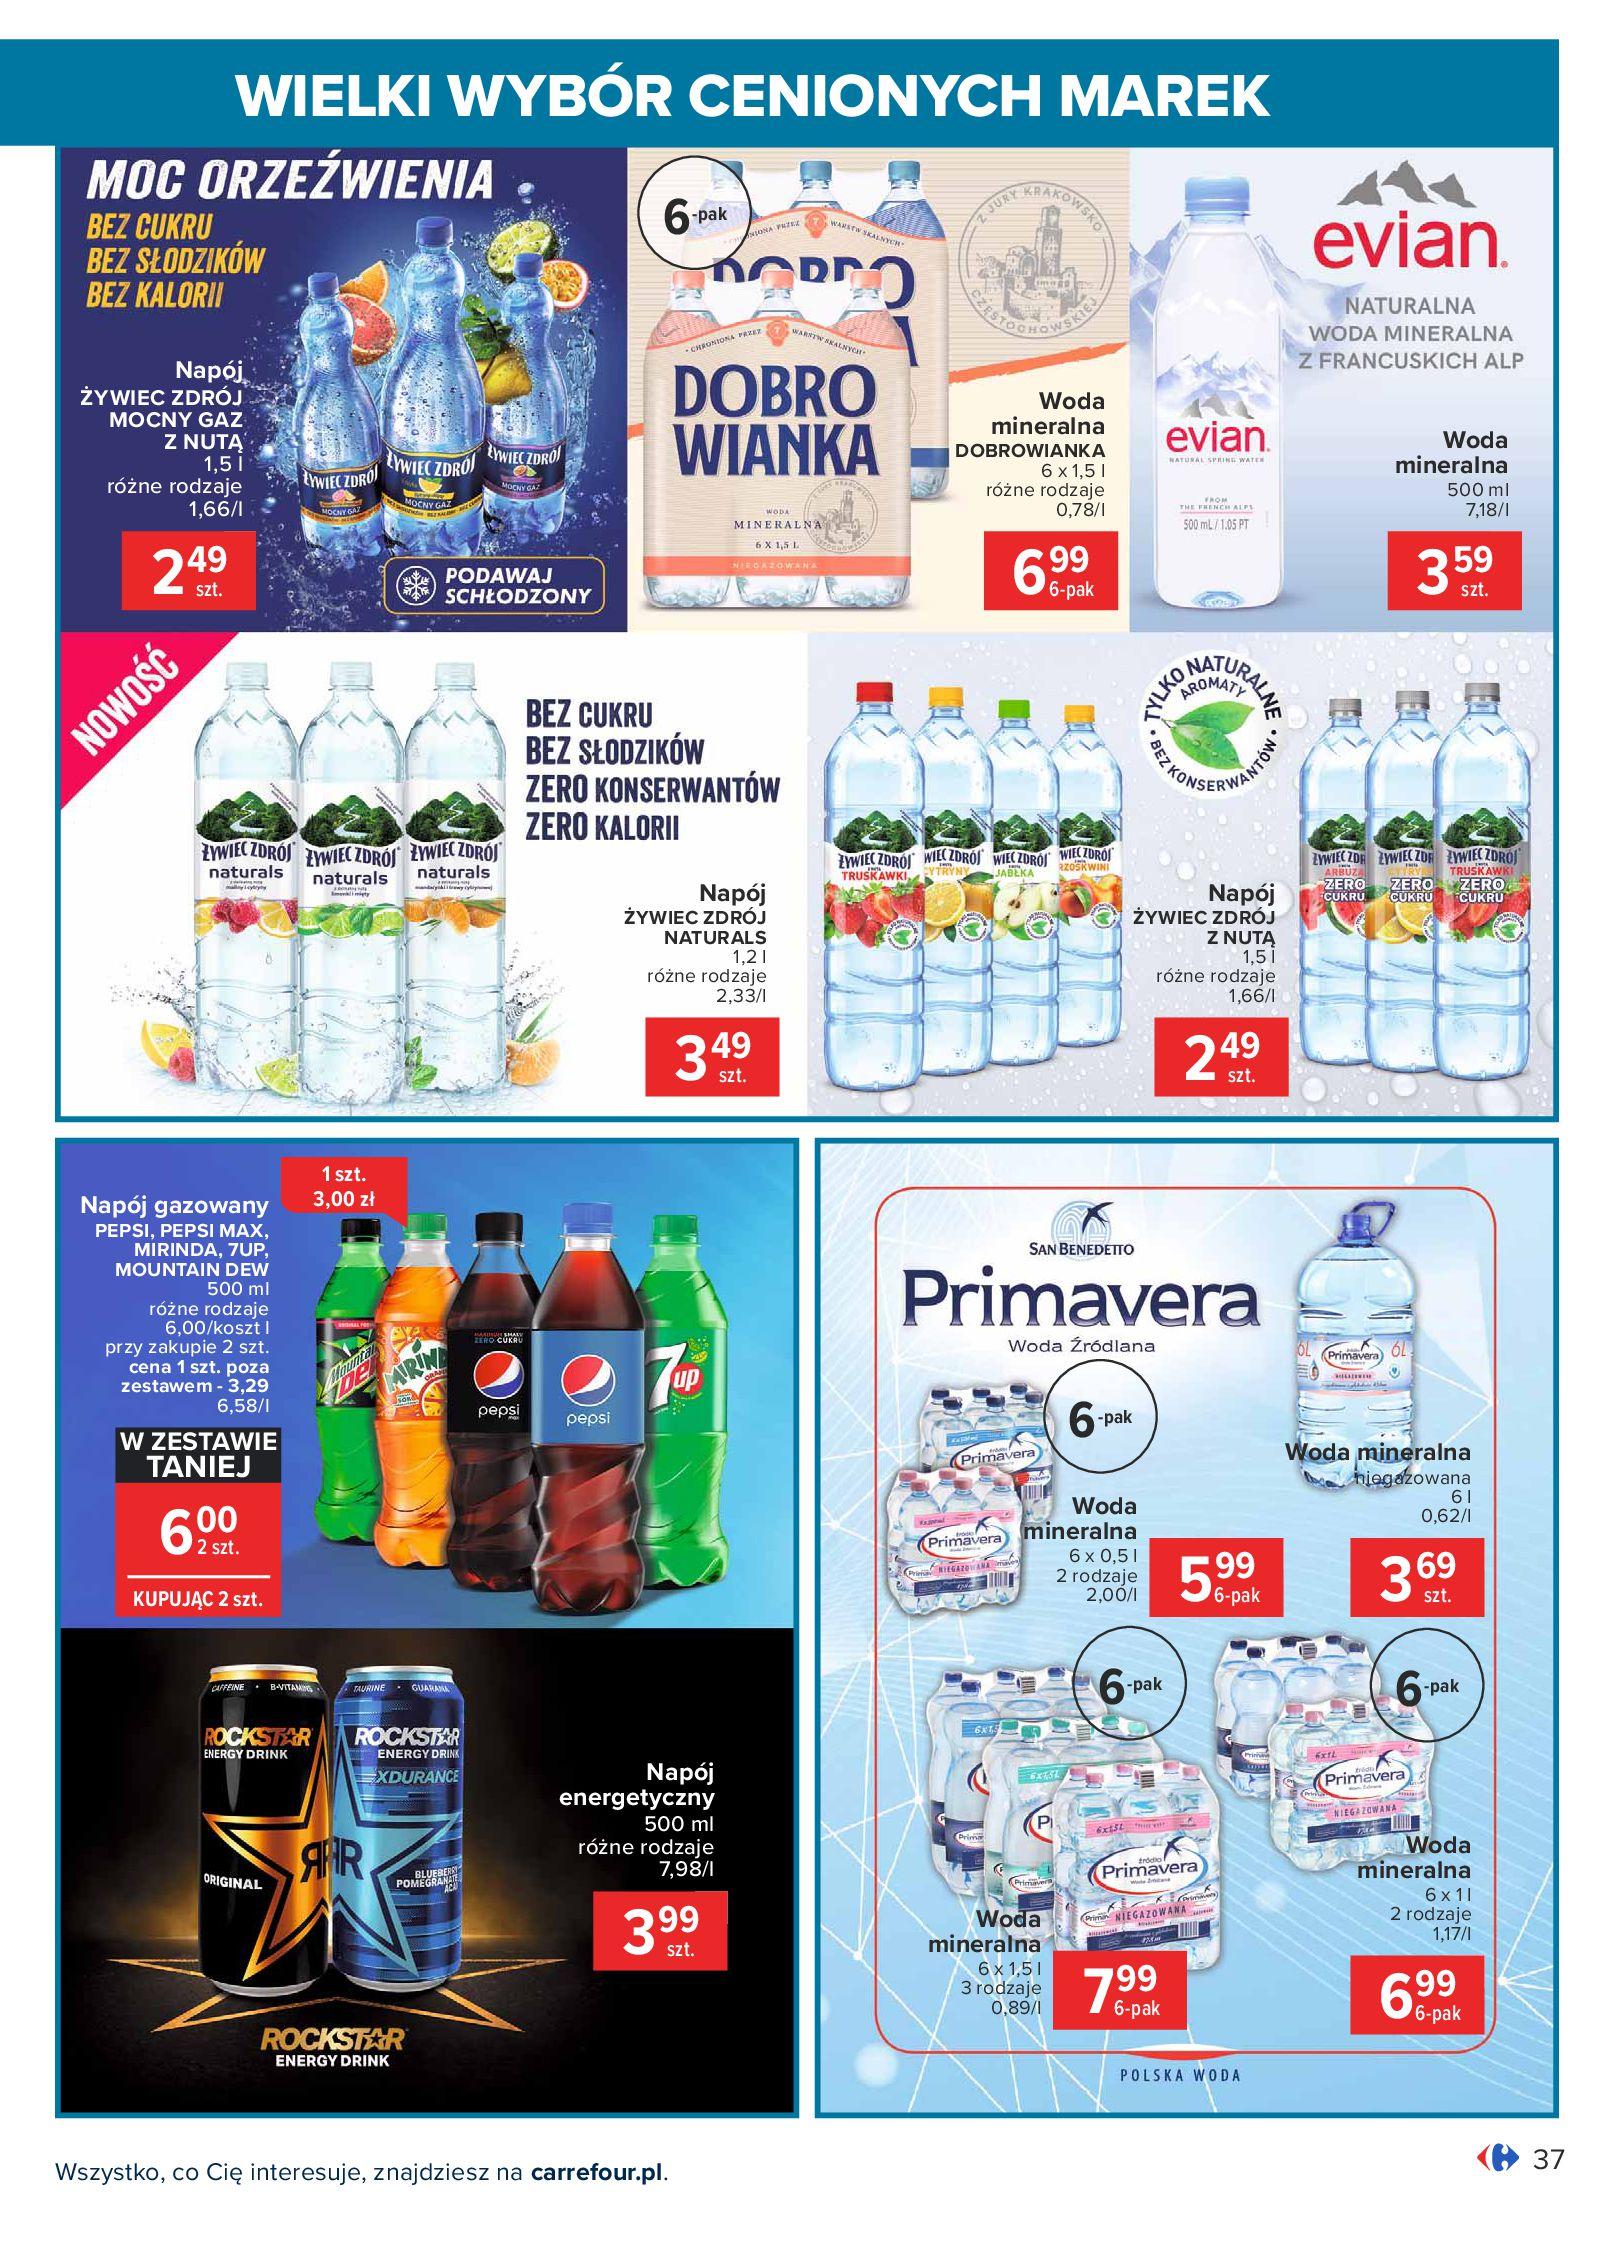 Gazetka Carrefour: Wielki wybór cenionych marek 2021-05-04 page-37